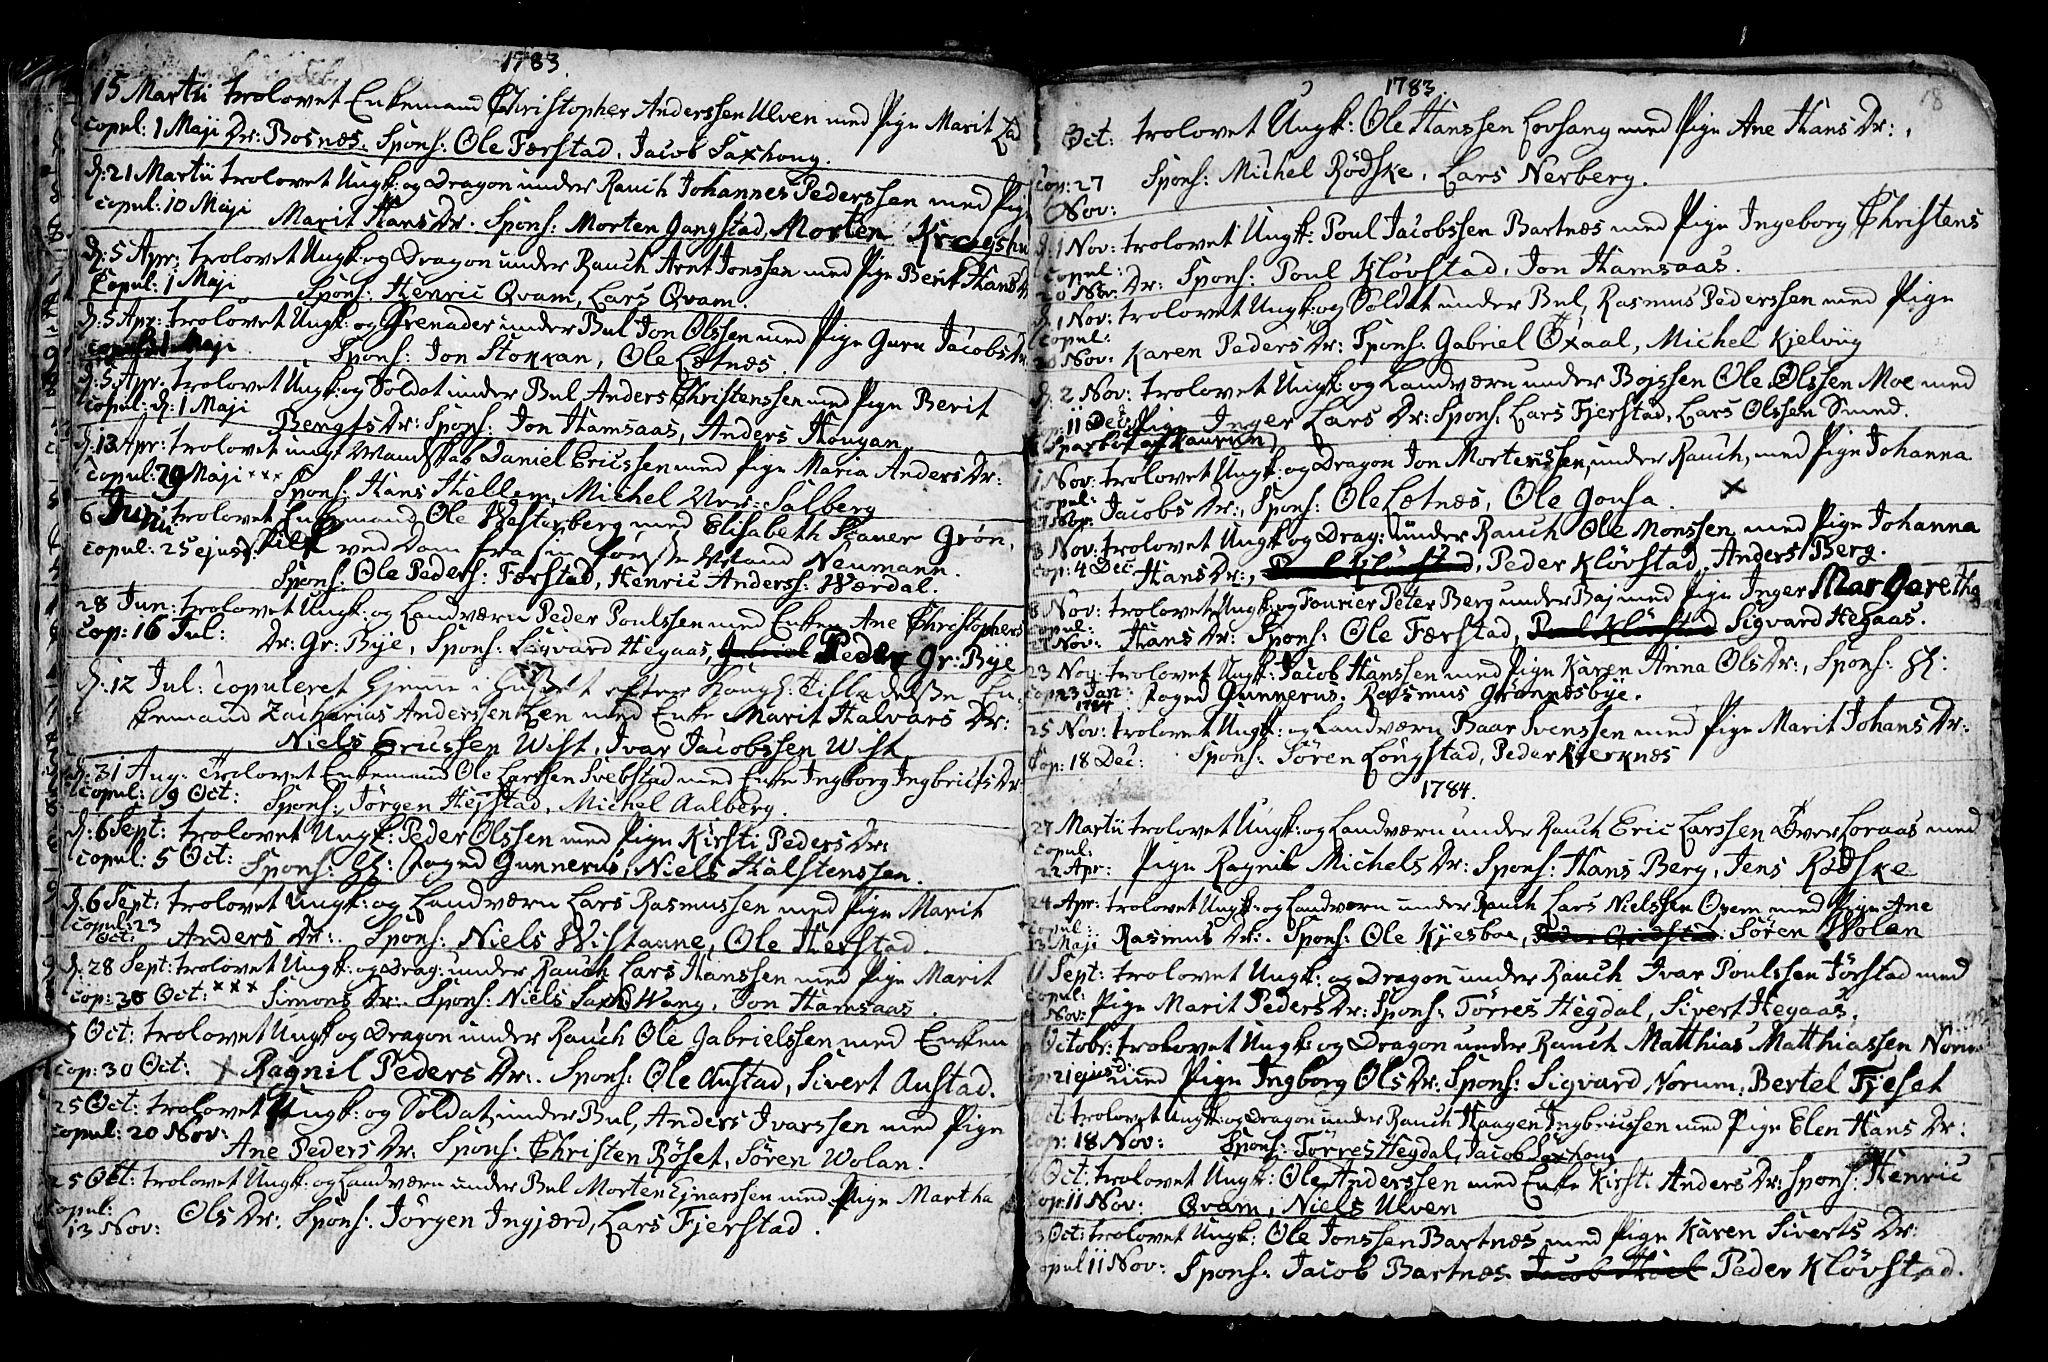 SAT, Ministerialprotokoller, klokkerbøker og fødselsregistre - Nord-Trøndelag, 730/L0273: Ministerialbok nr. 730A02, 1762-1802, s. 18